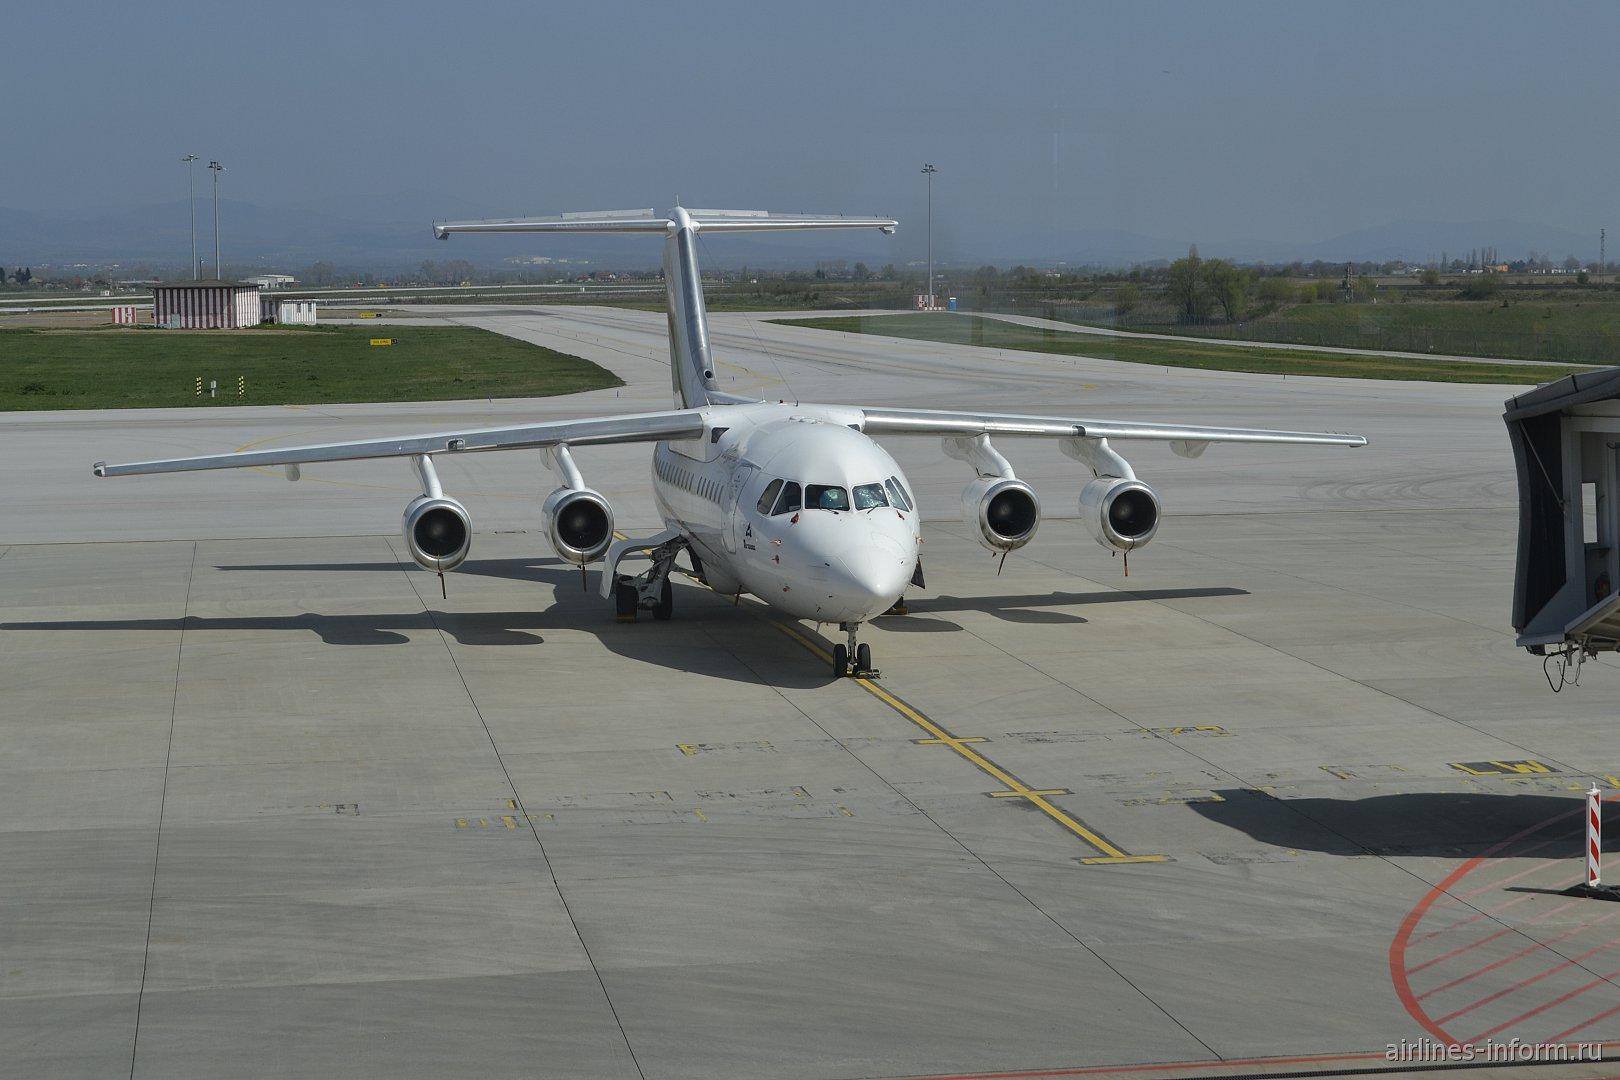 Самолет BAe 146-200 авиакомпании Bulgaria Air в аэропорту Софии